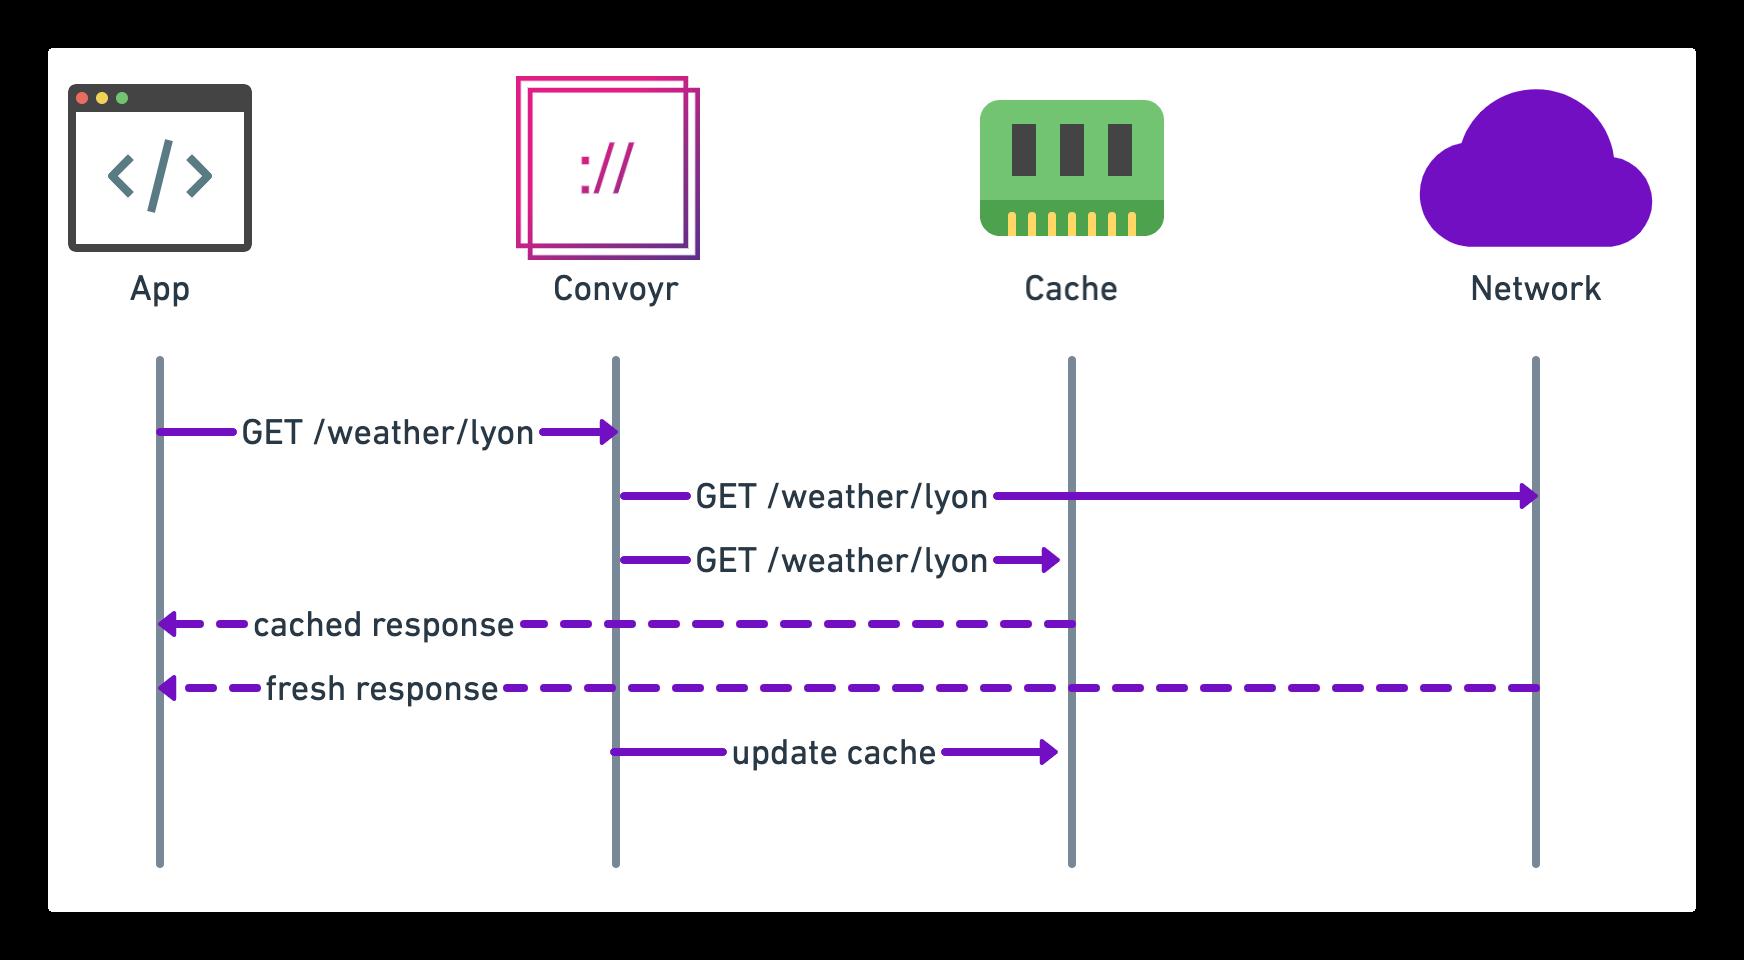 Convoyr Cache Plugin Sequence Diagram